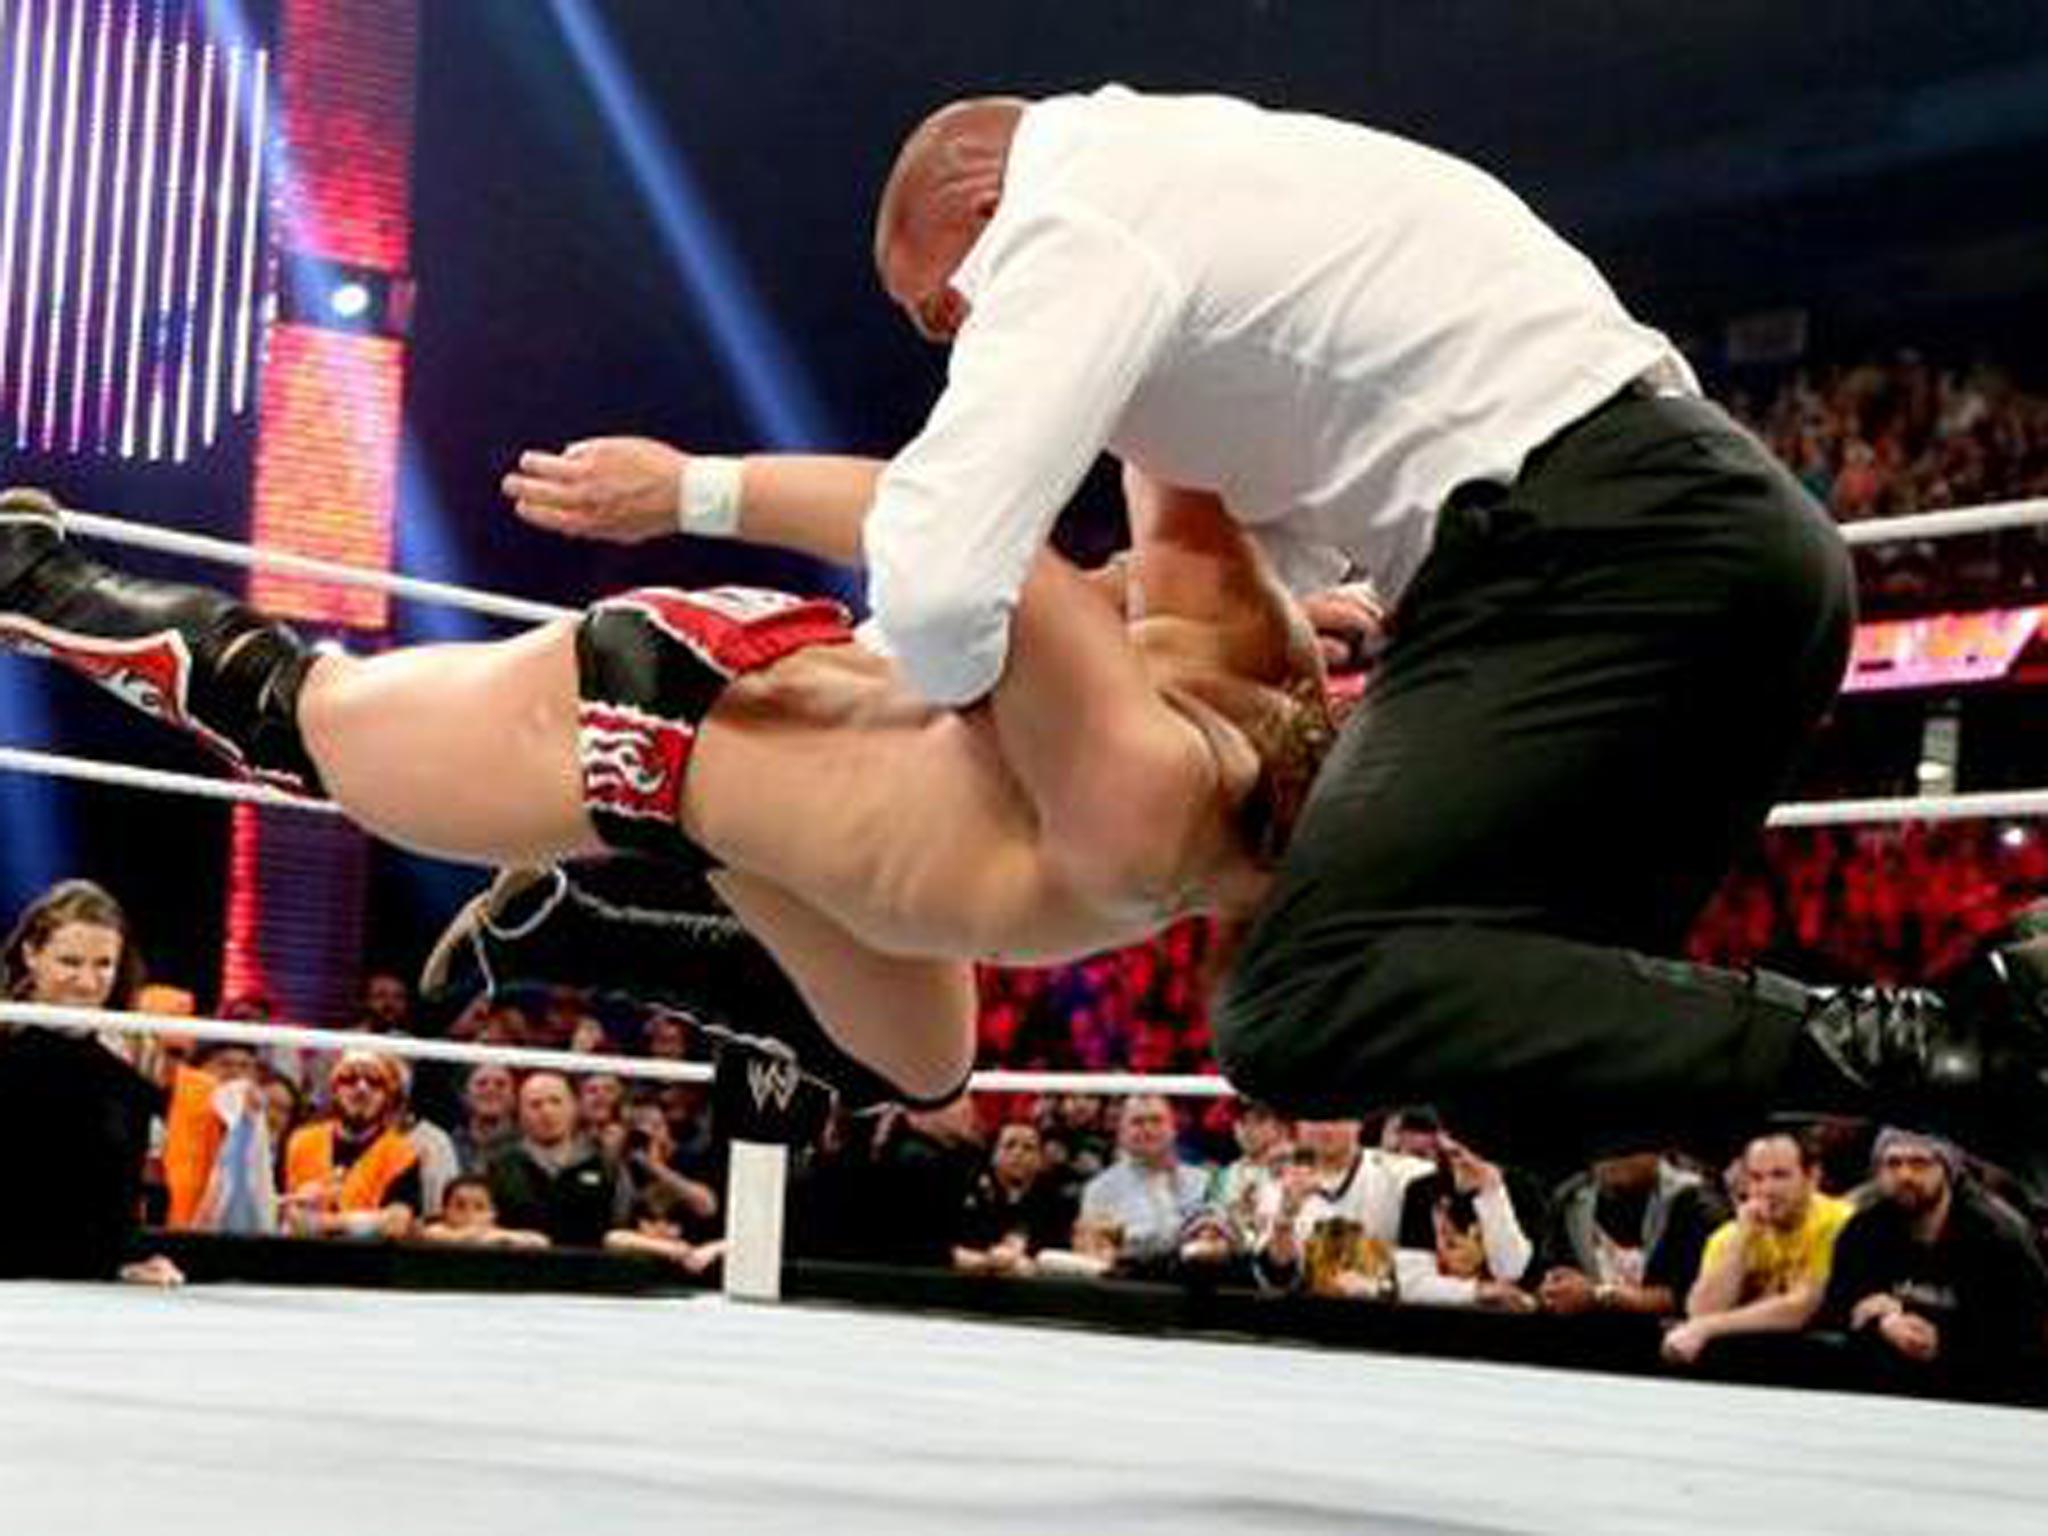 xxx WWE video strakke poesje op de top